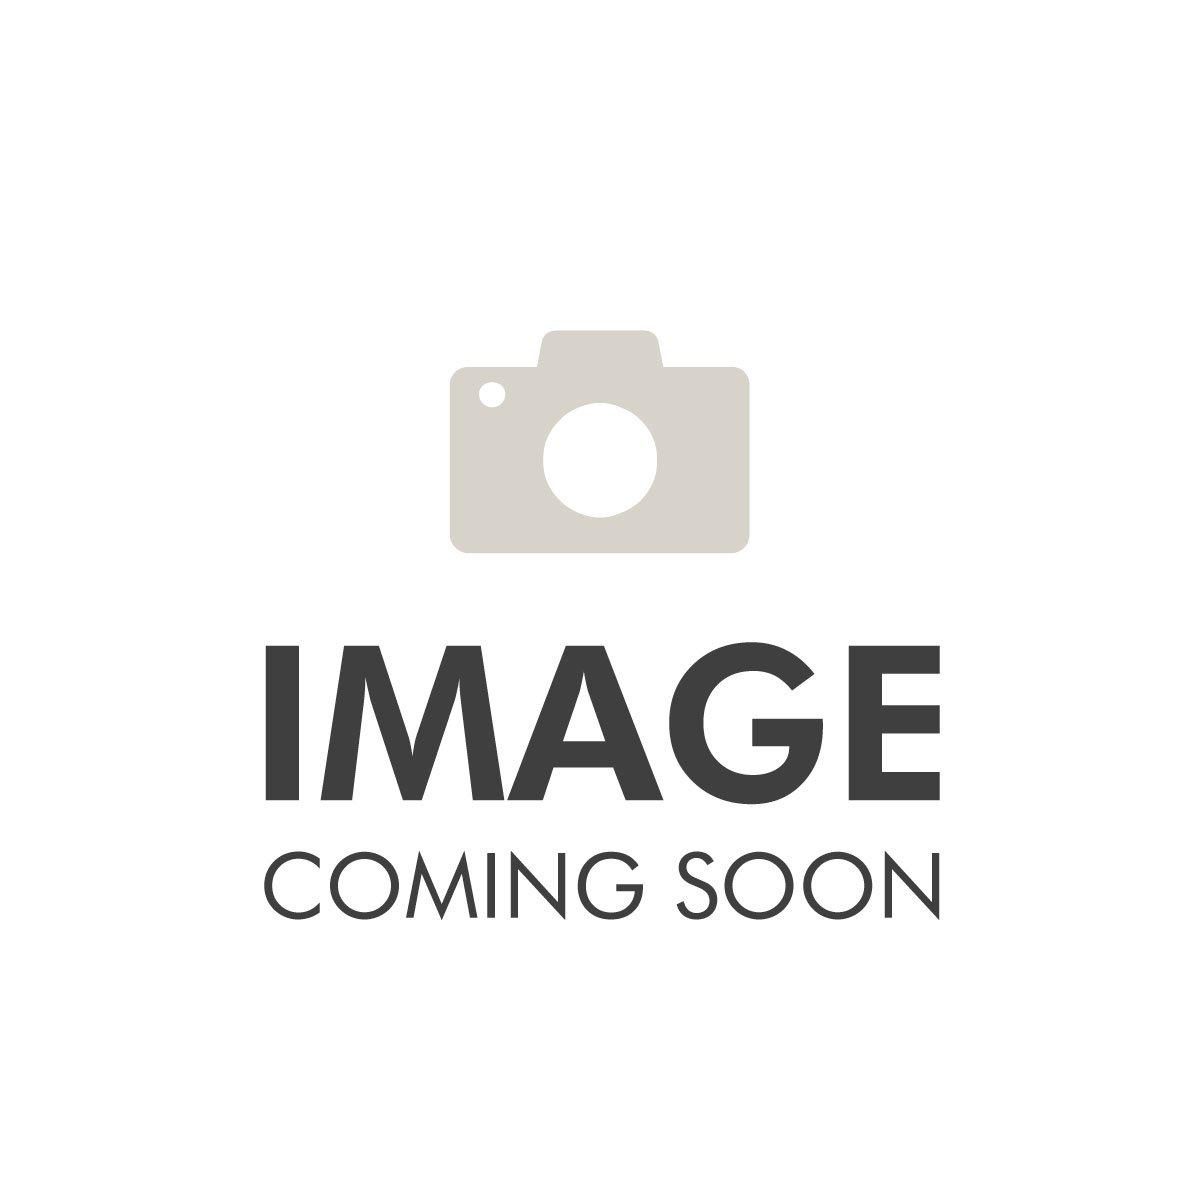 Estee Lauder Pure Color Envy Sculpting Eyeshadow 5 Color Palette Ivory Power 7g